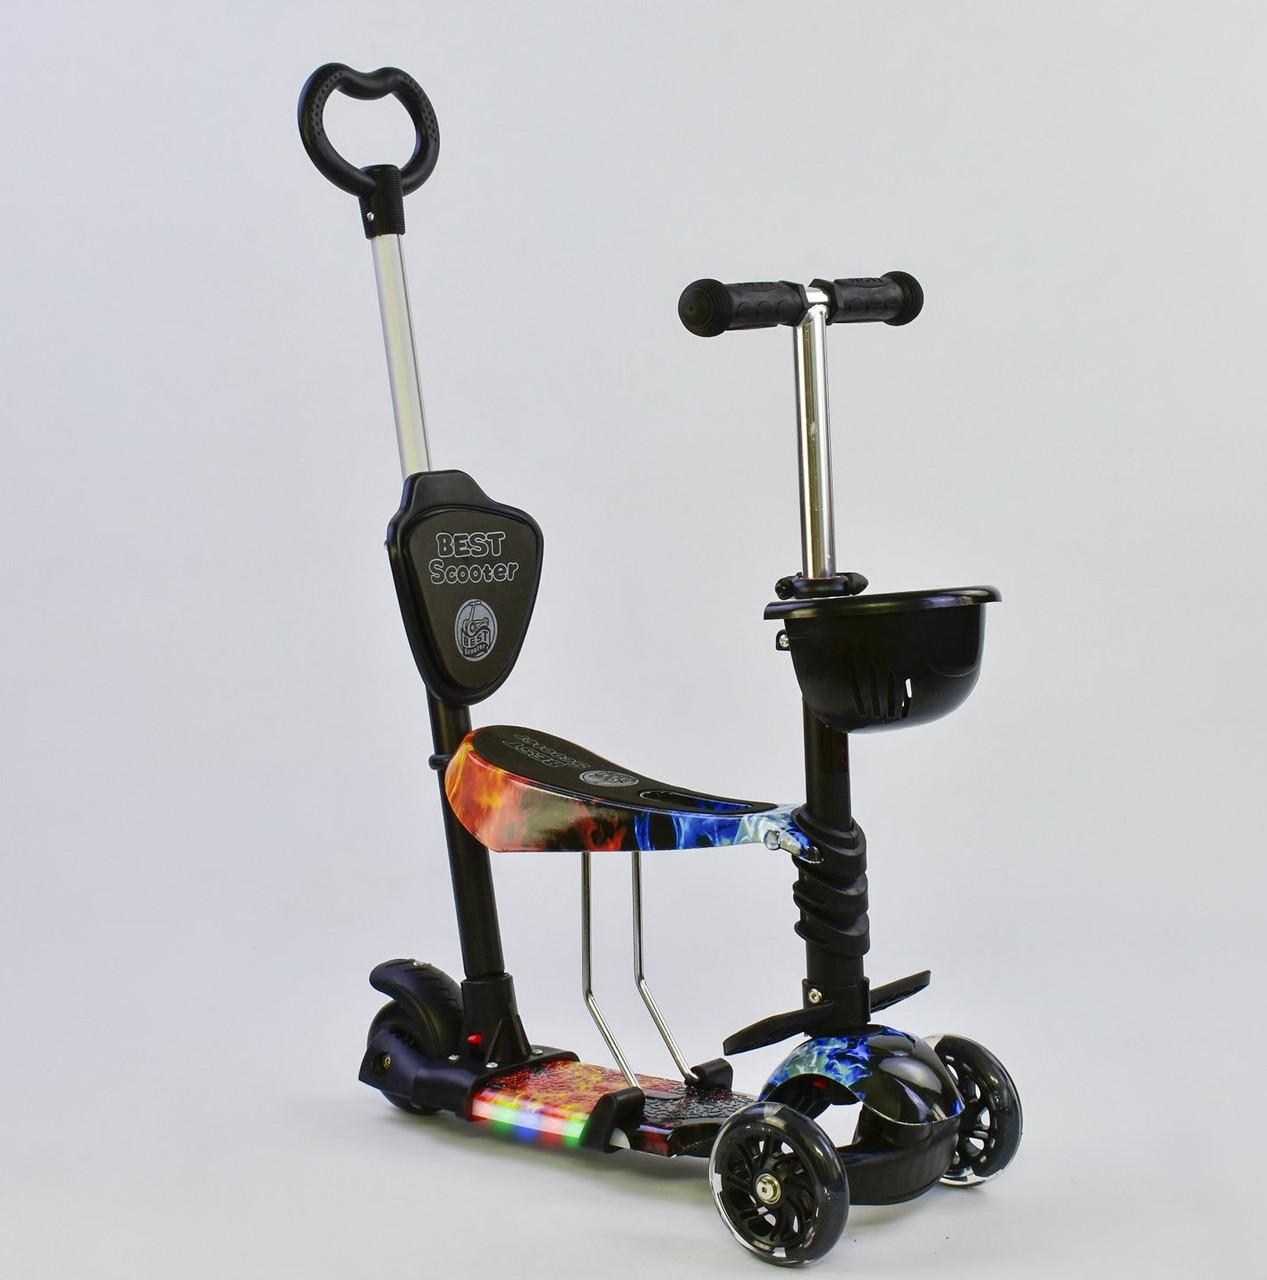 Самокат Best Scooter 5в1 Подсветка колес и платформы